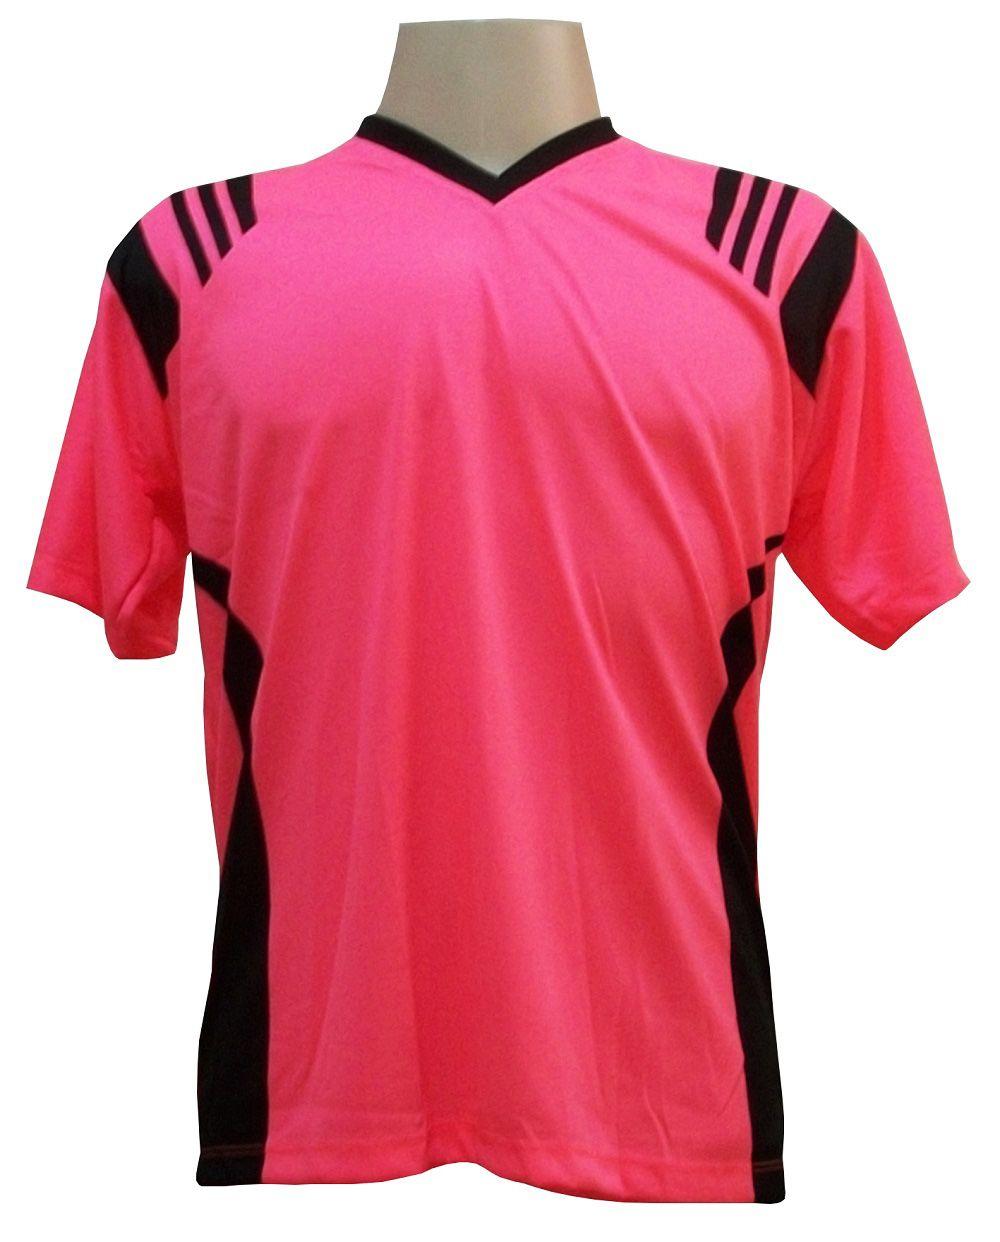 Jogo de Camisa com 12 unidades modelo Roma Rosa/Preto